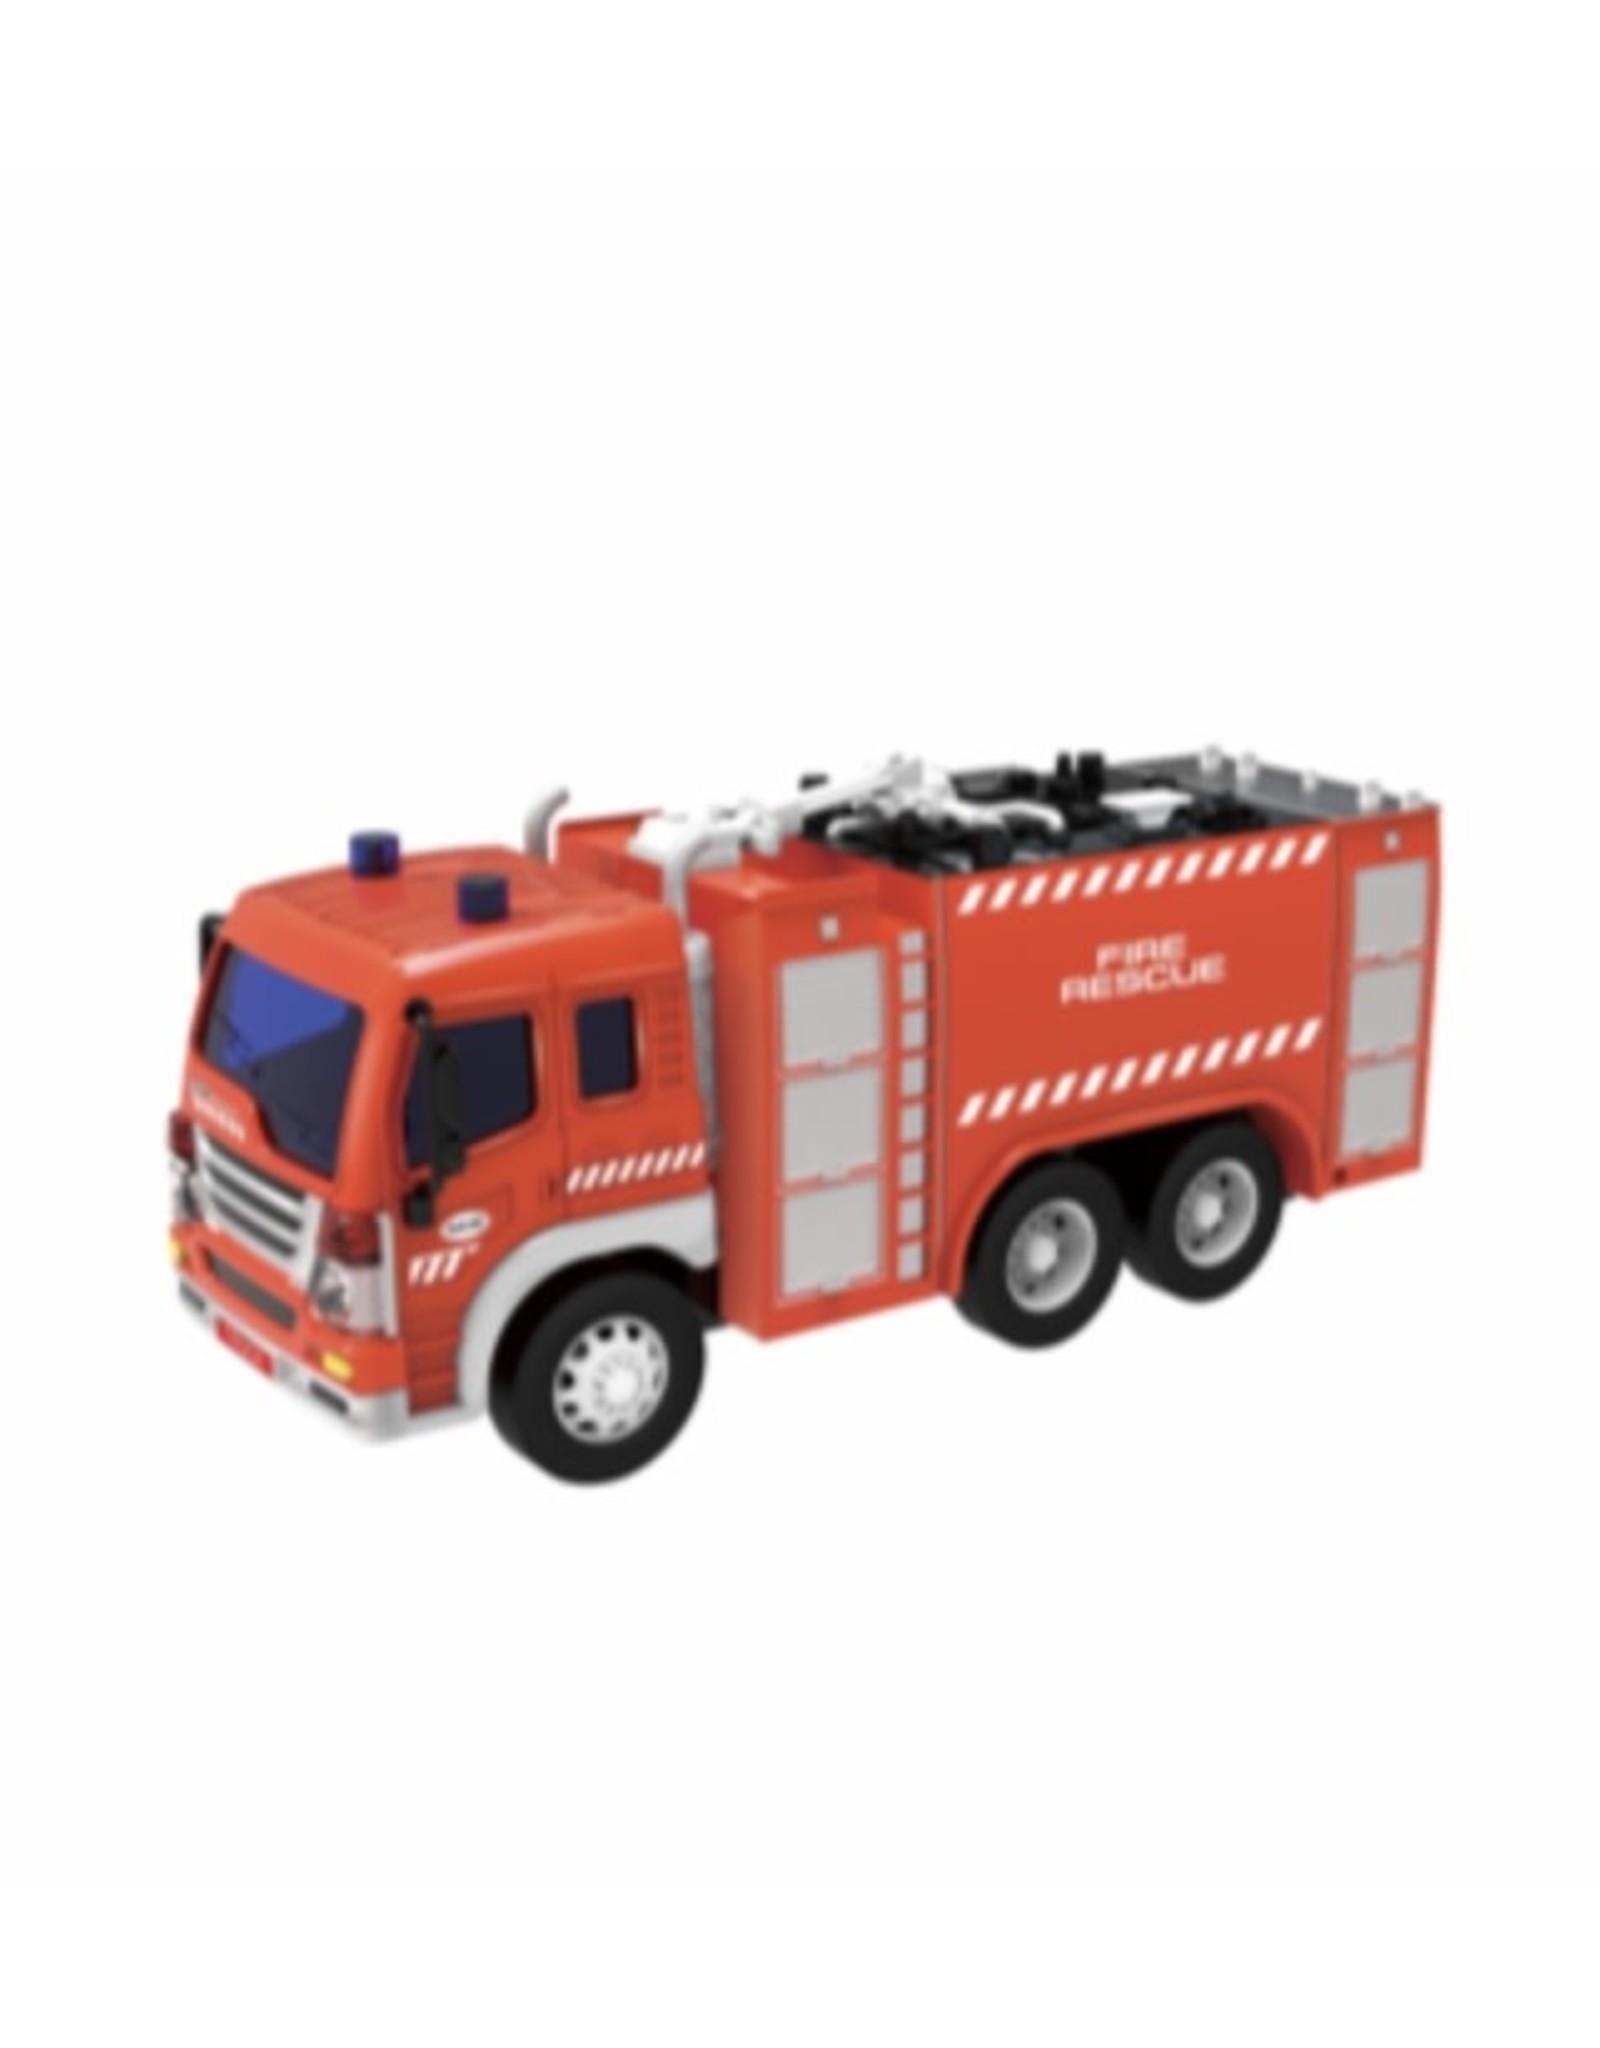 JOLLITY Brandweerwagen met licht en geluid 1:16